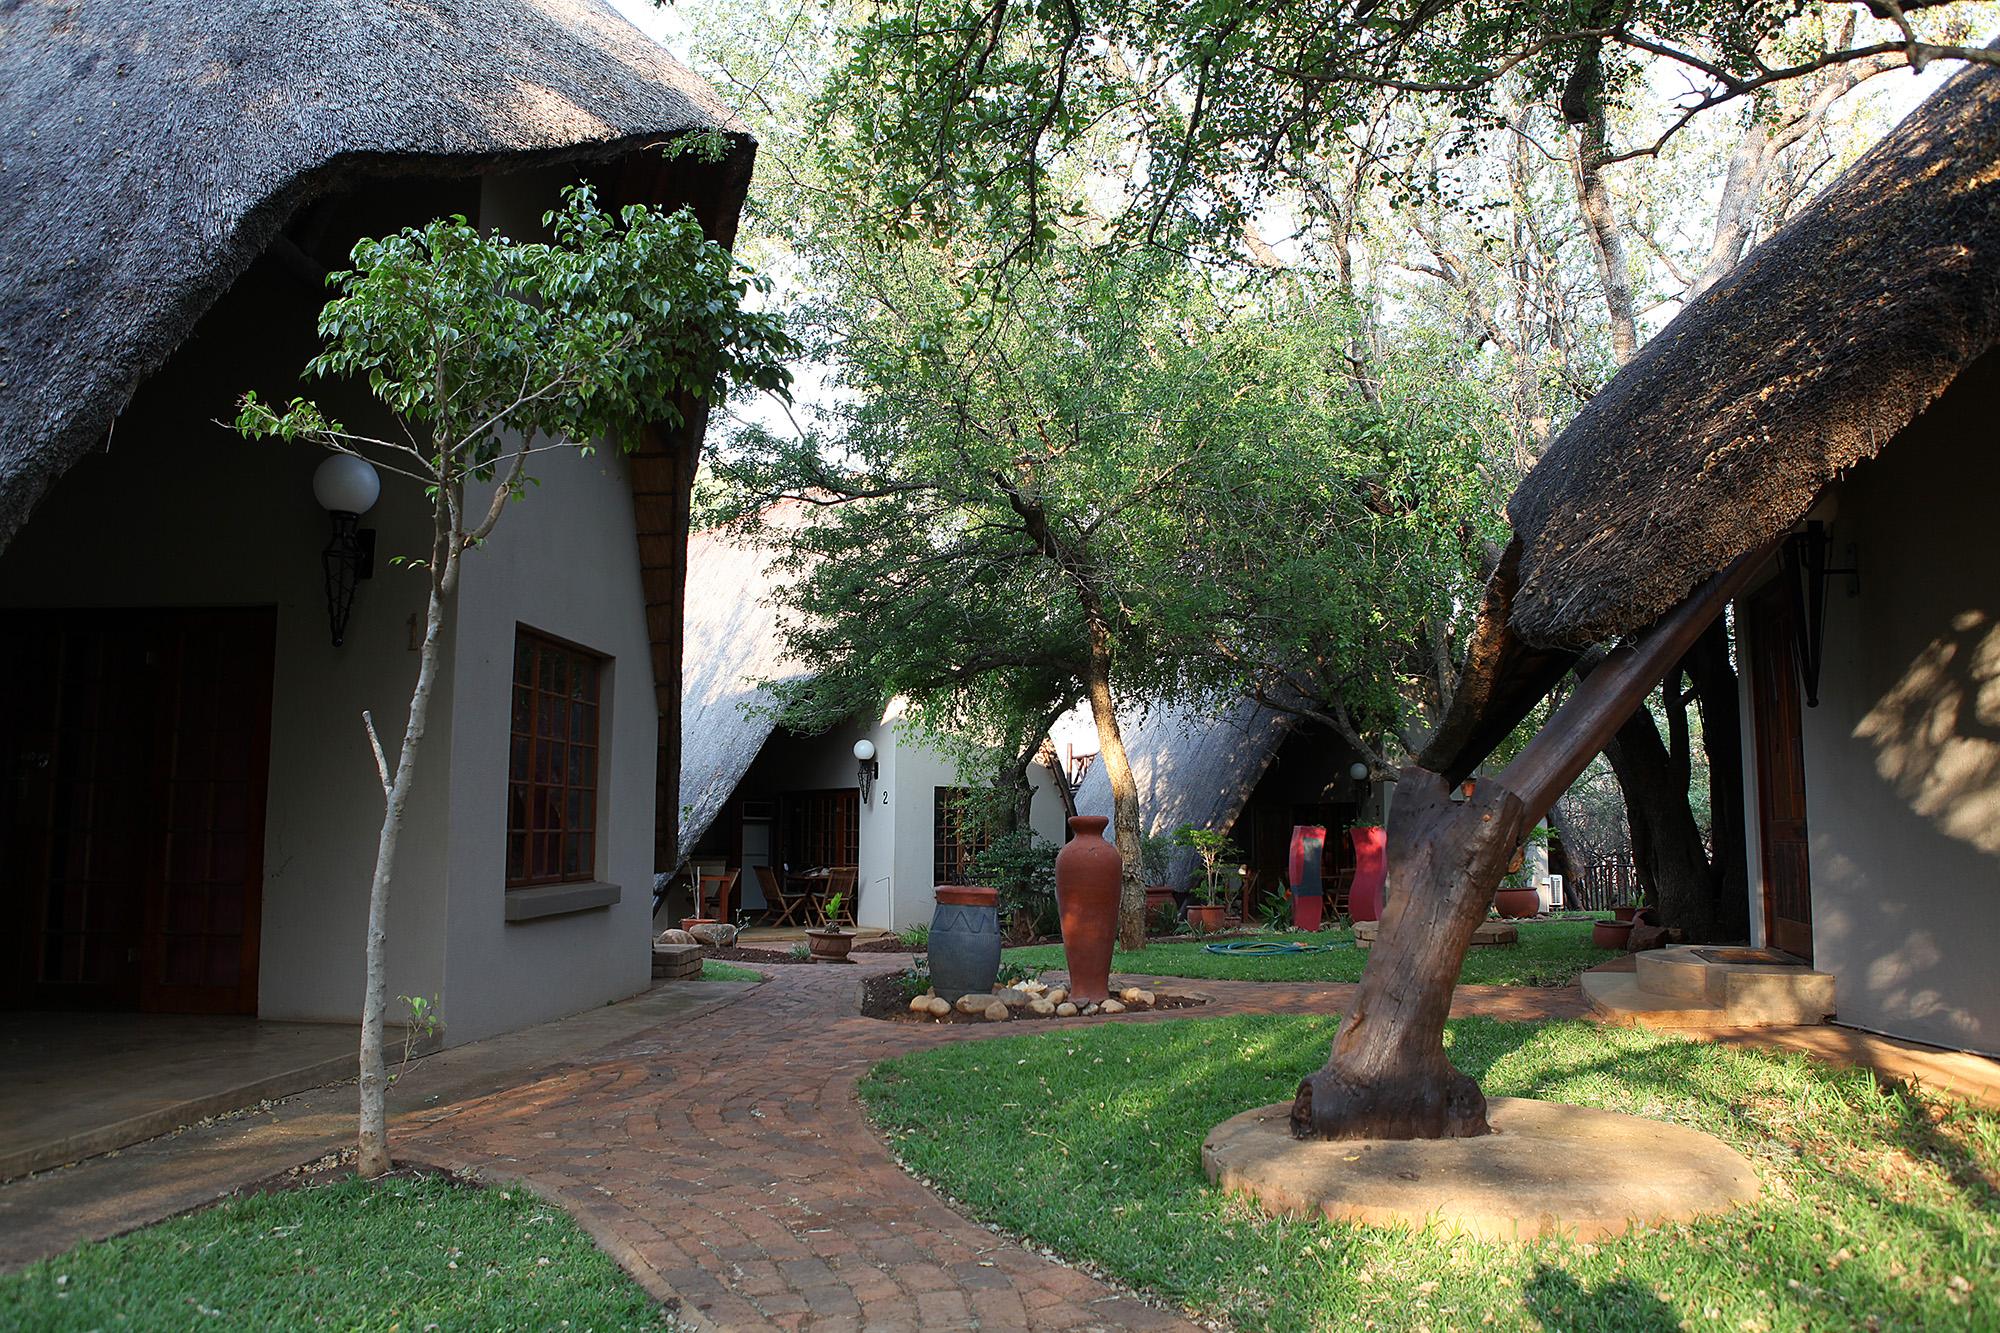 abenteuerreich, erlebnistouren, südafrika, rundreise, geführte rundreise, weinsafari, safari, vip reisen, fit reisen, BIG5